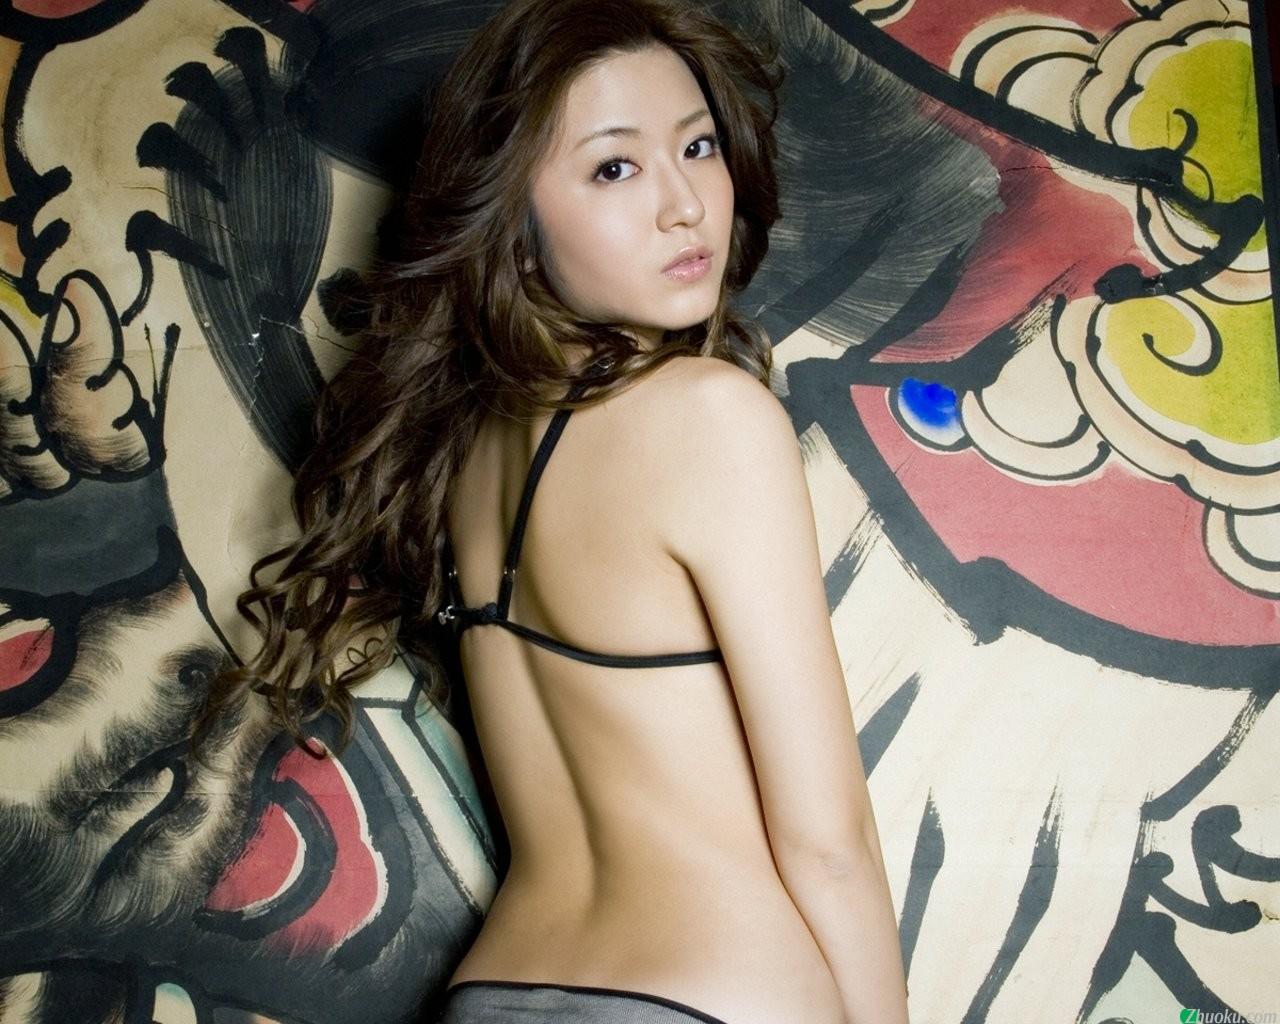 松山麻美 Matsuyama Mami